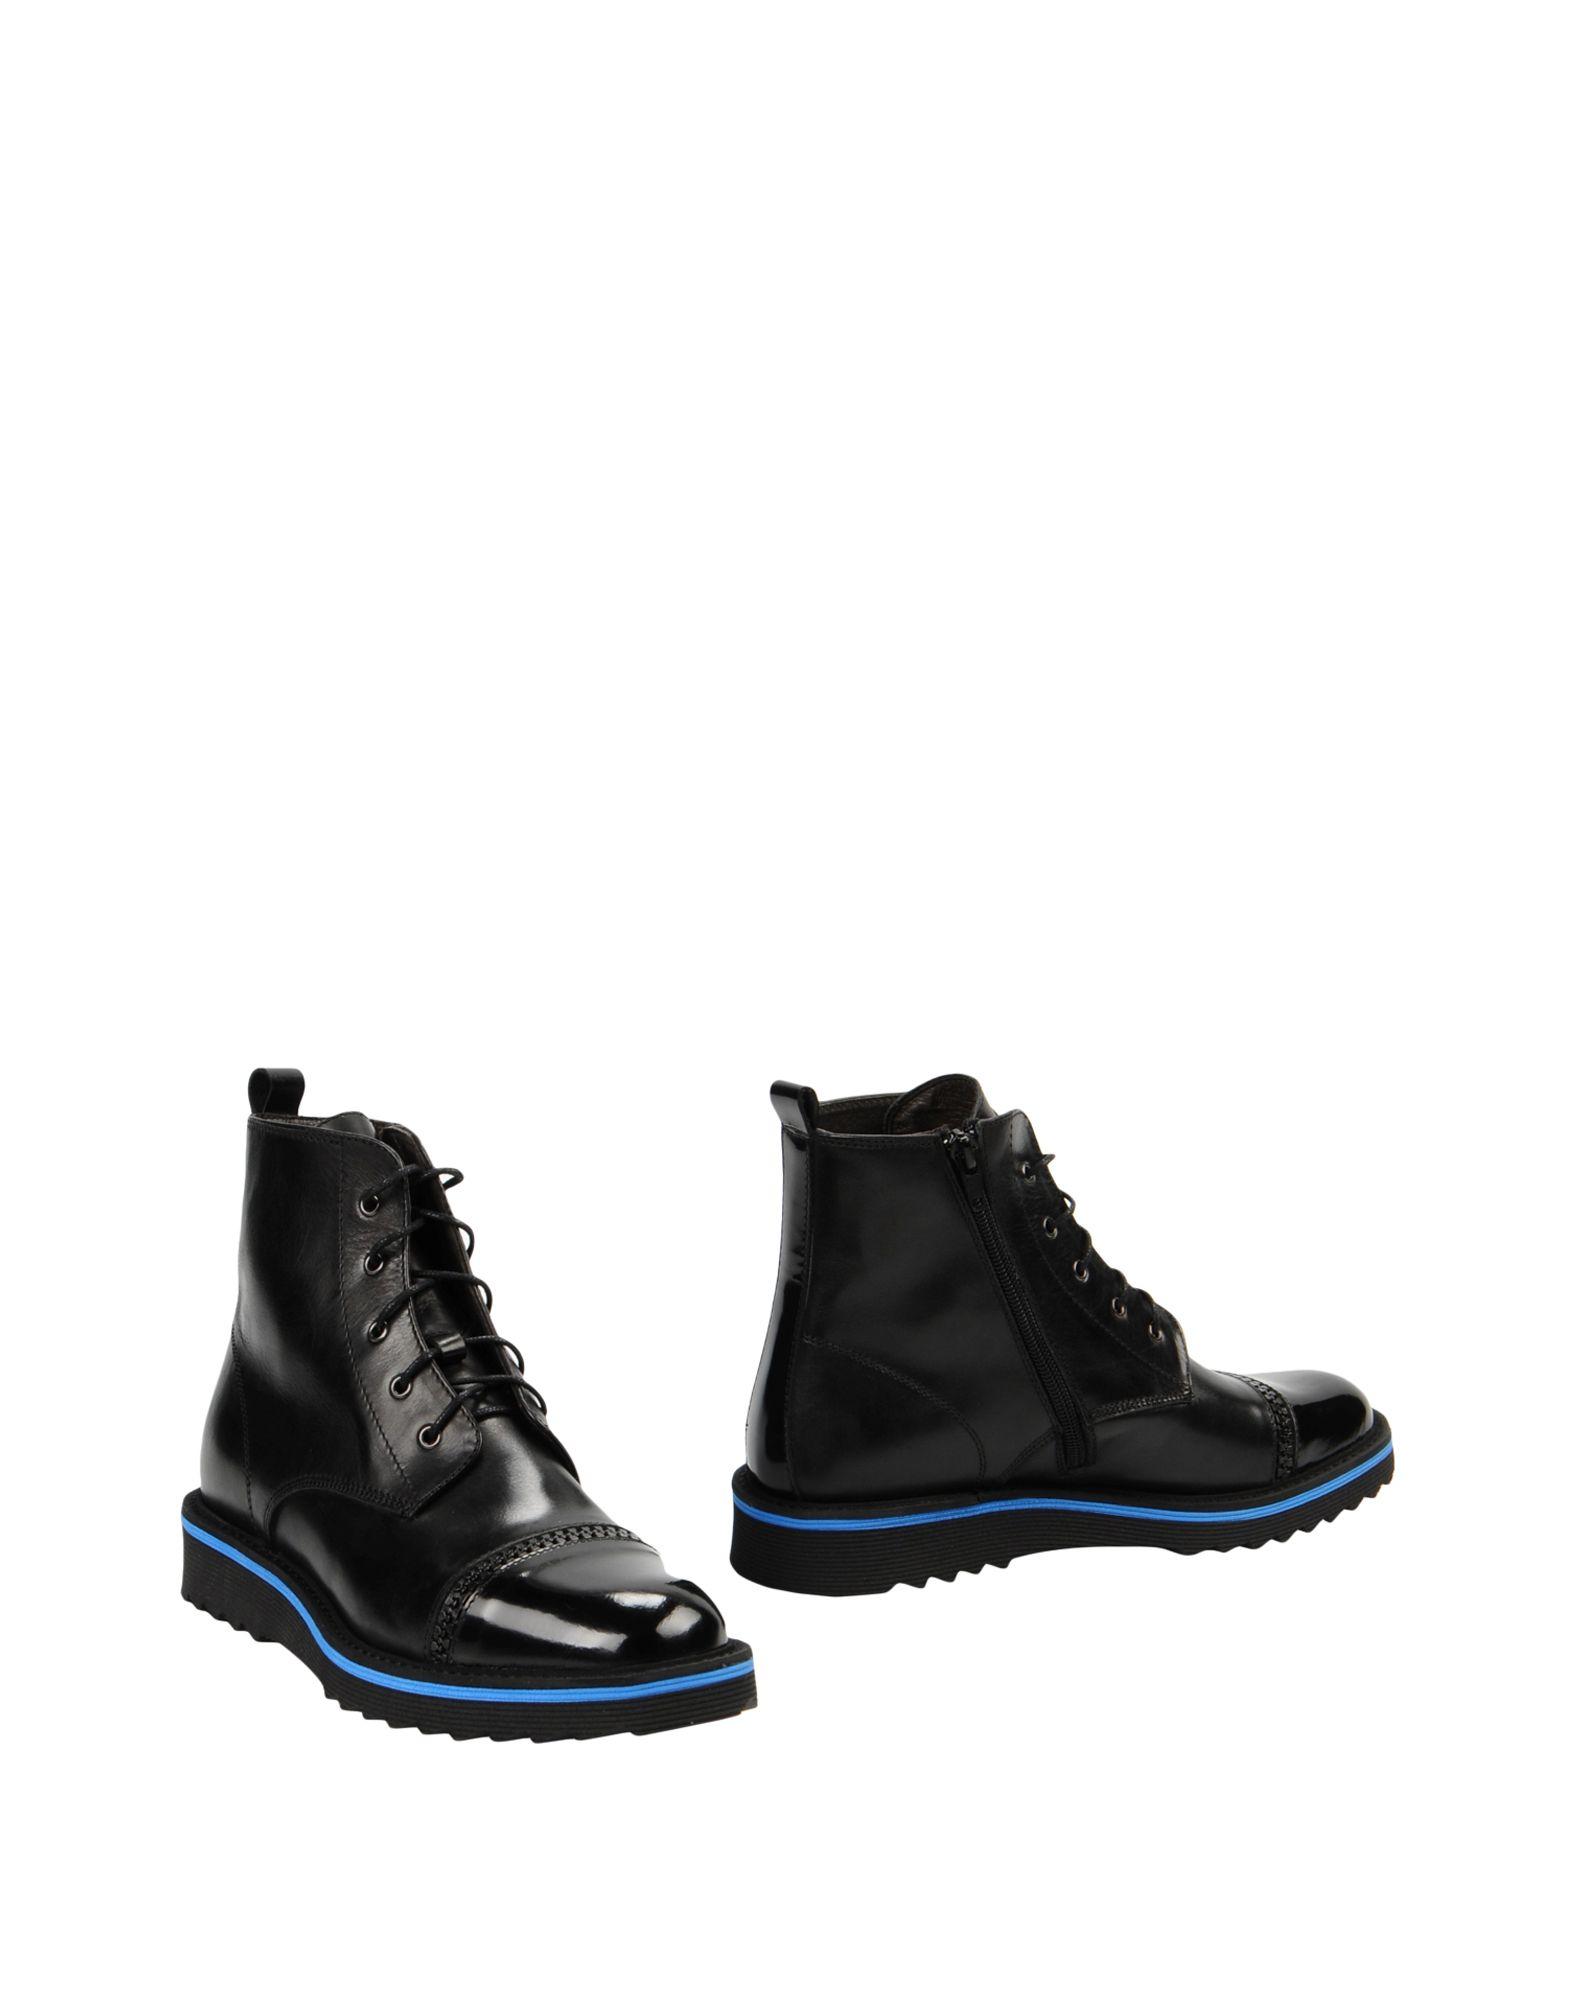 Carlo Pazolini Stiefelette Damen    11084862CK Gute Qualität beliebte Schuhe a7f8a6